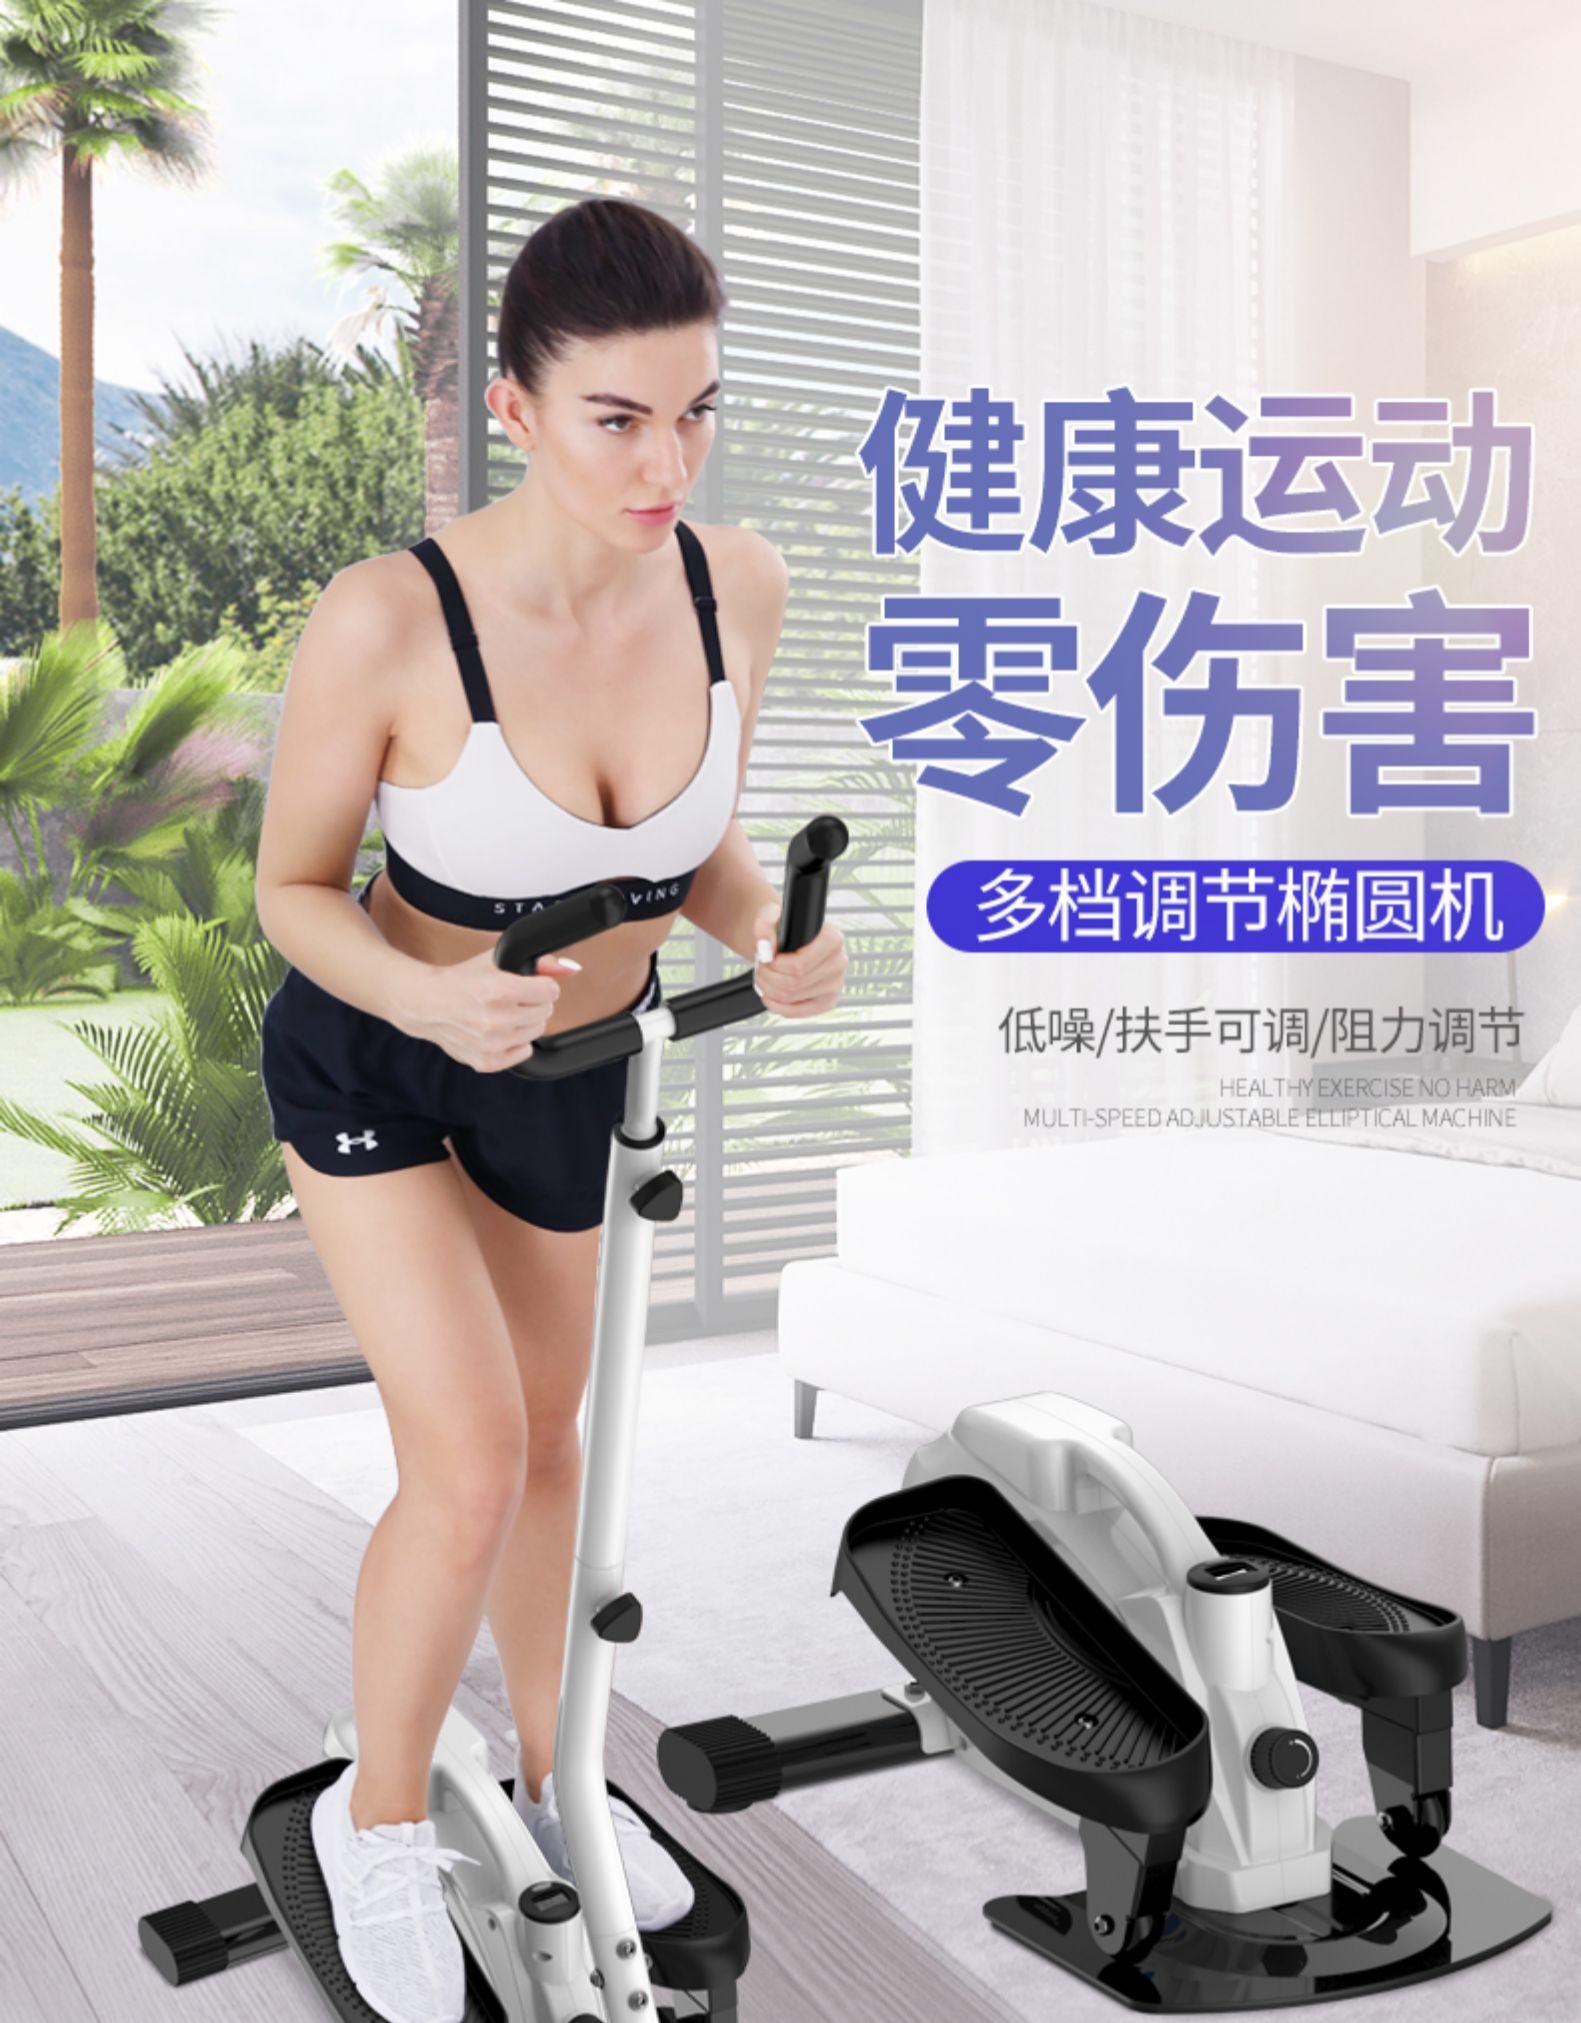 踏步機家用健身器材小型室內靜音迷你橢圓機跑步太空漫步機免運   新年新店新優惠